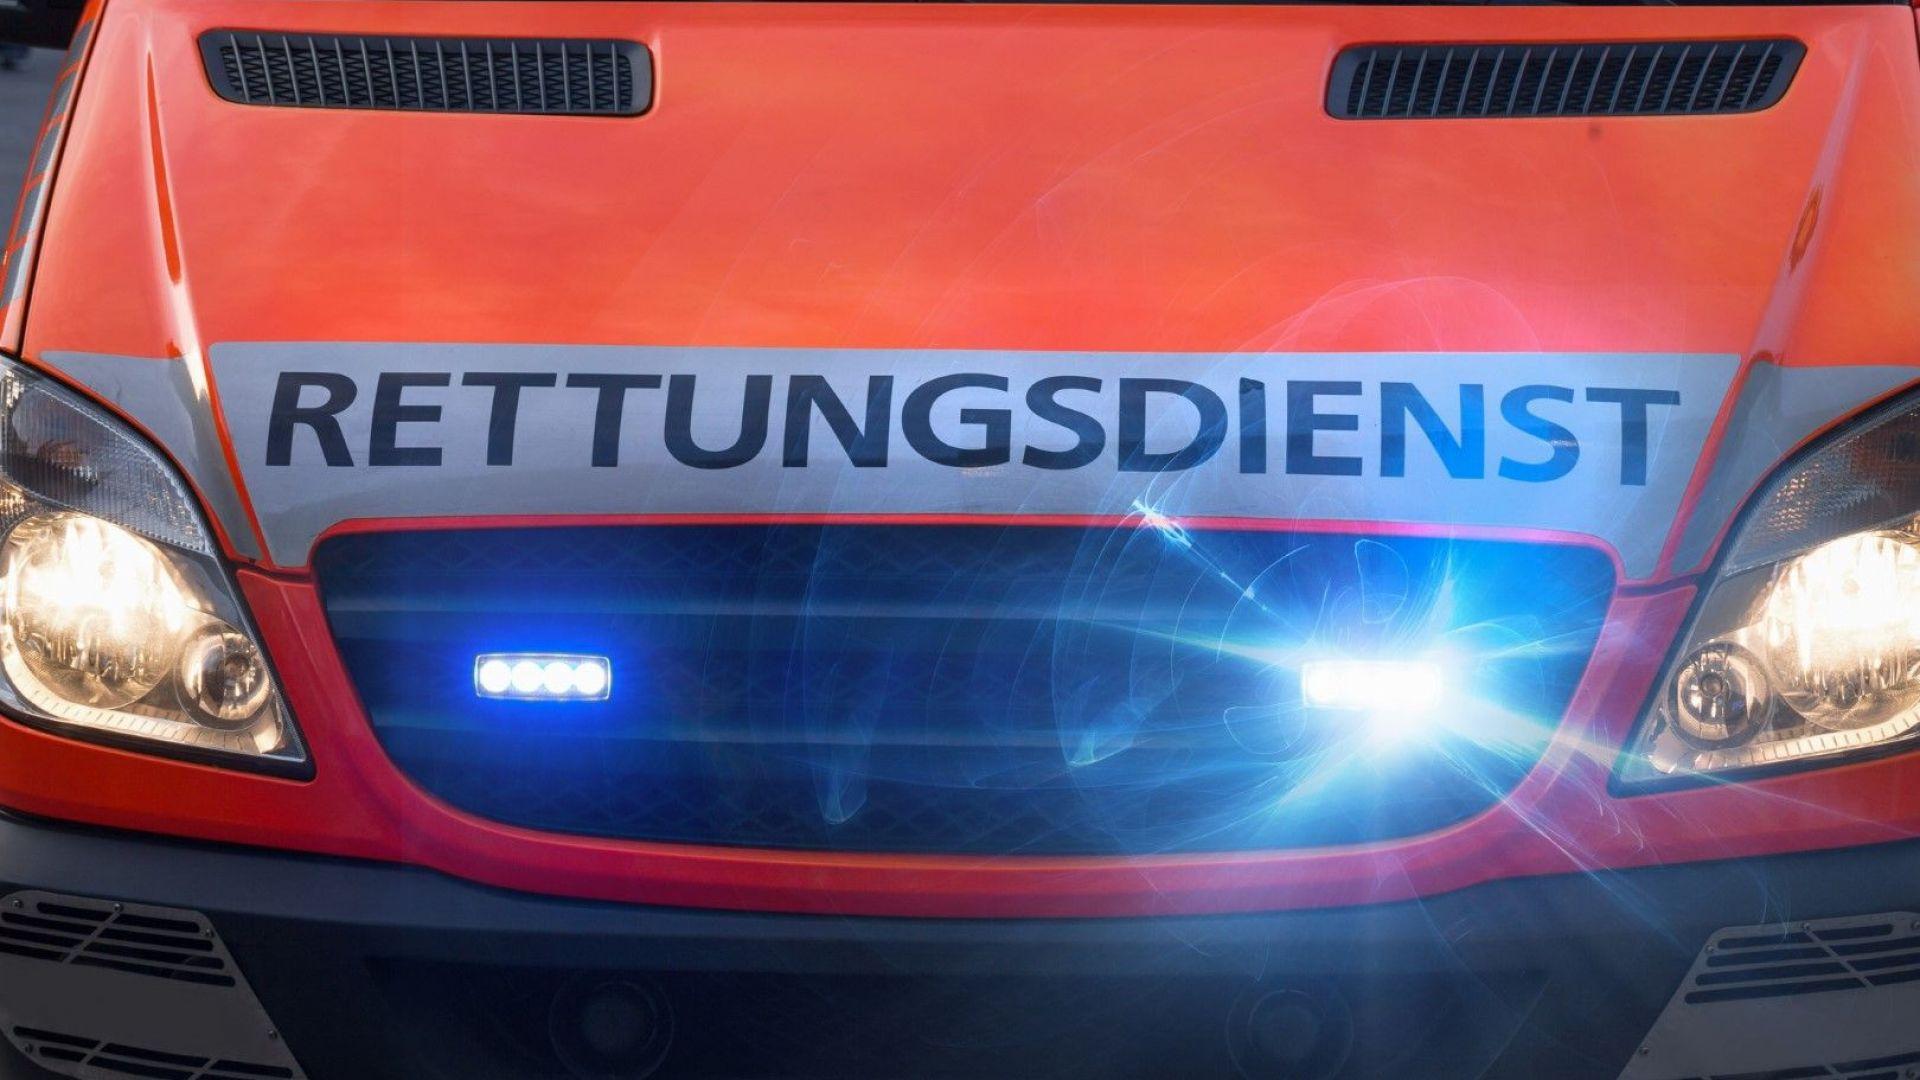 14 души бяха ранени при експлозия на тиган на кулинарен фестивал в Германия